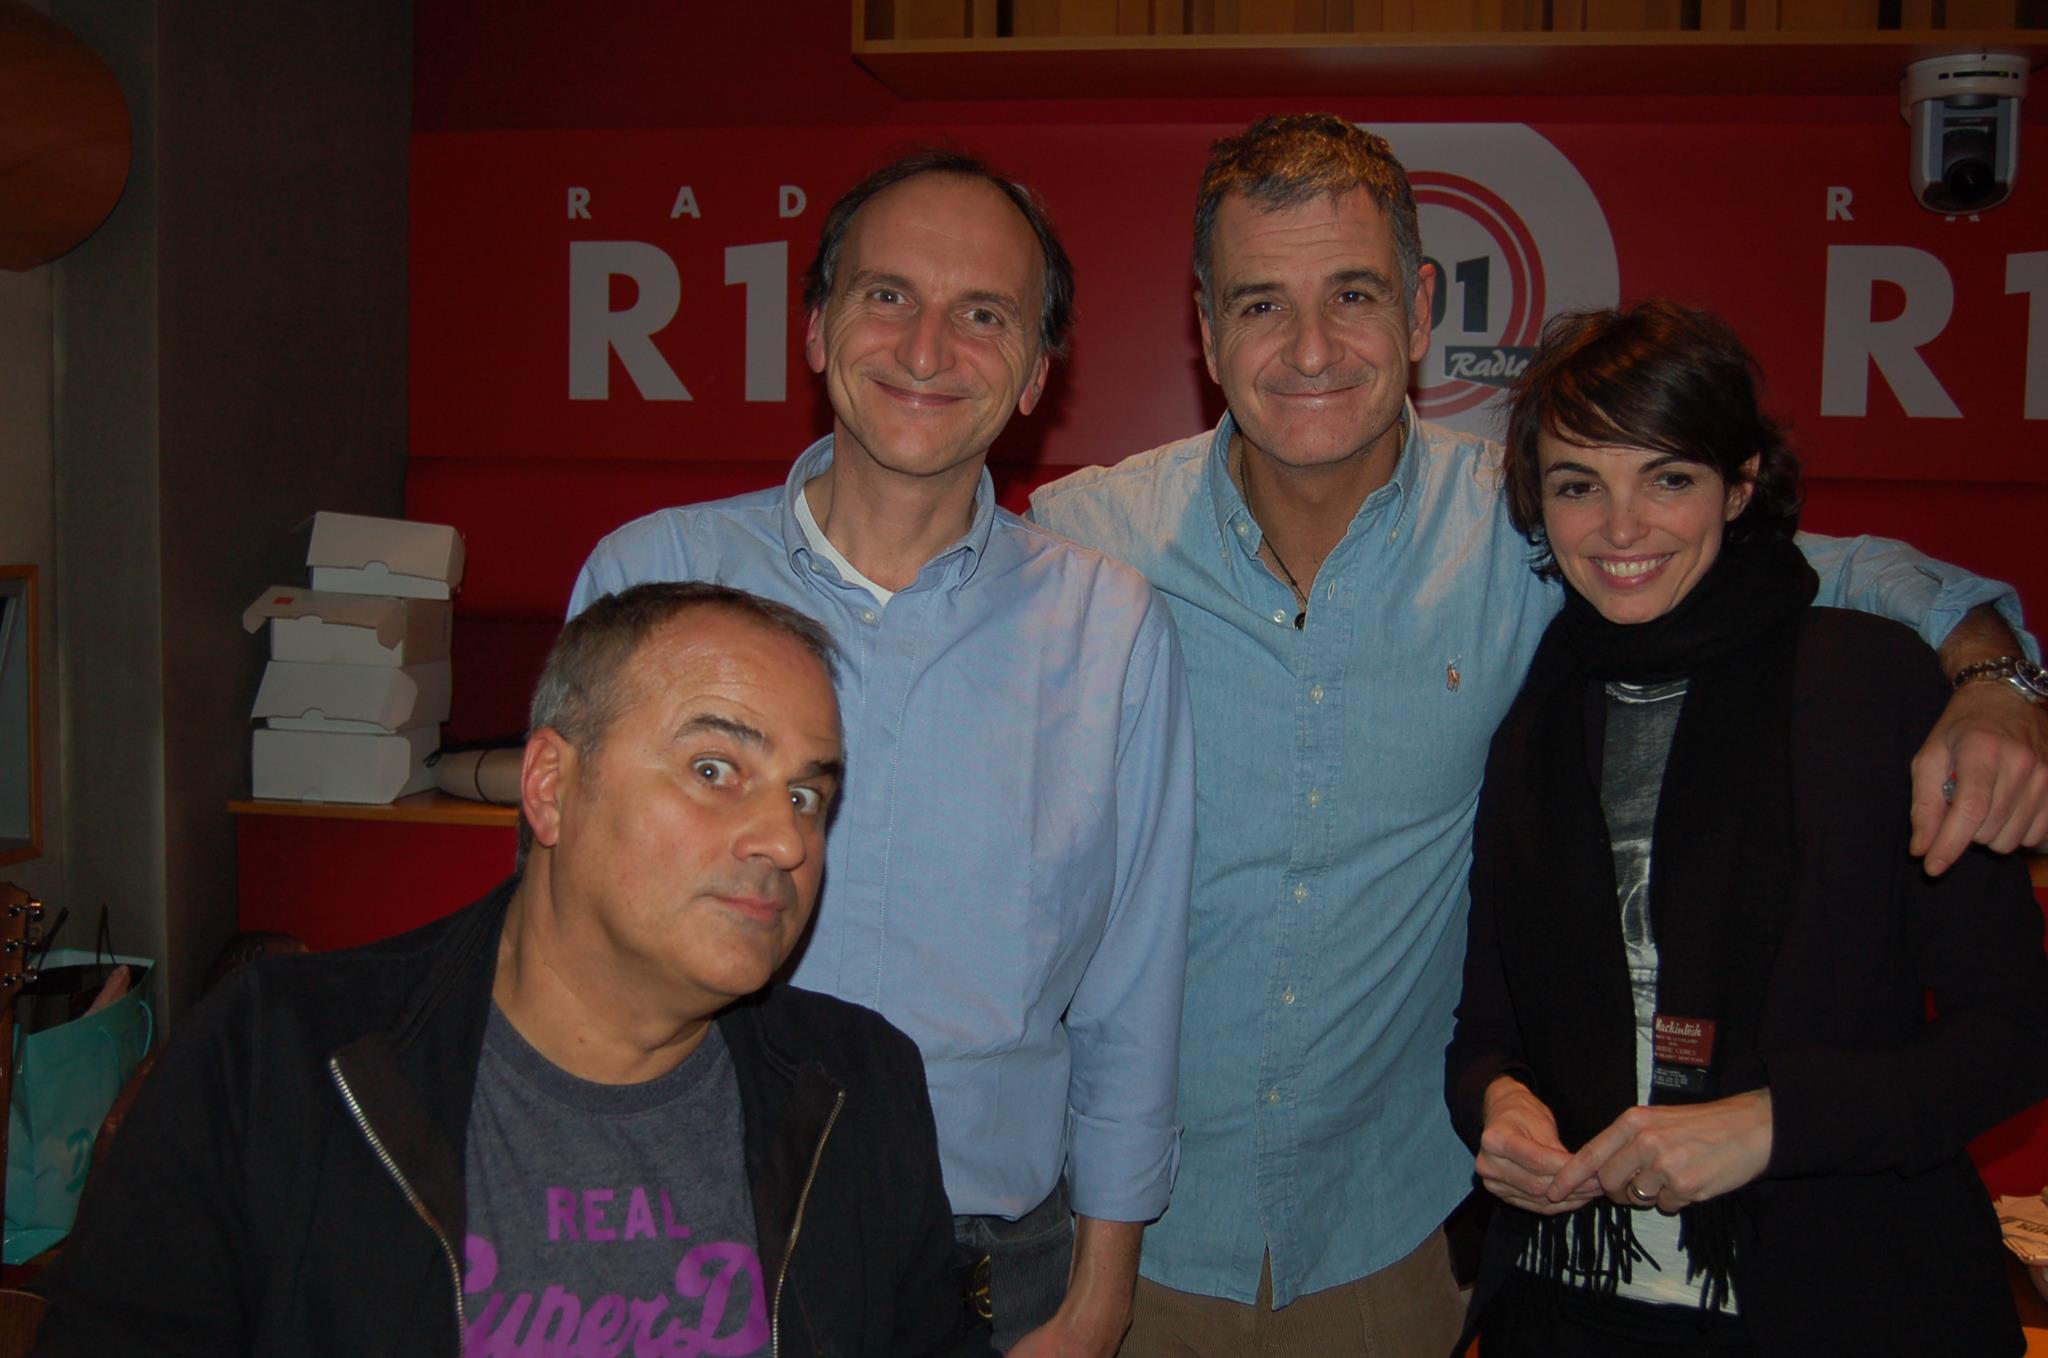 Sanremo 2013: le migliori battute della Gialappa's Band alla radio